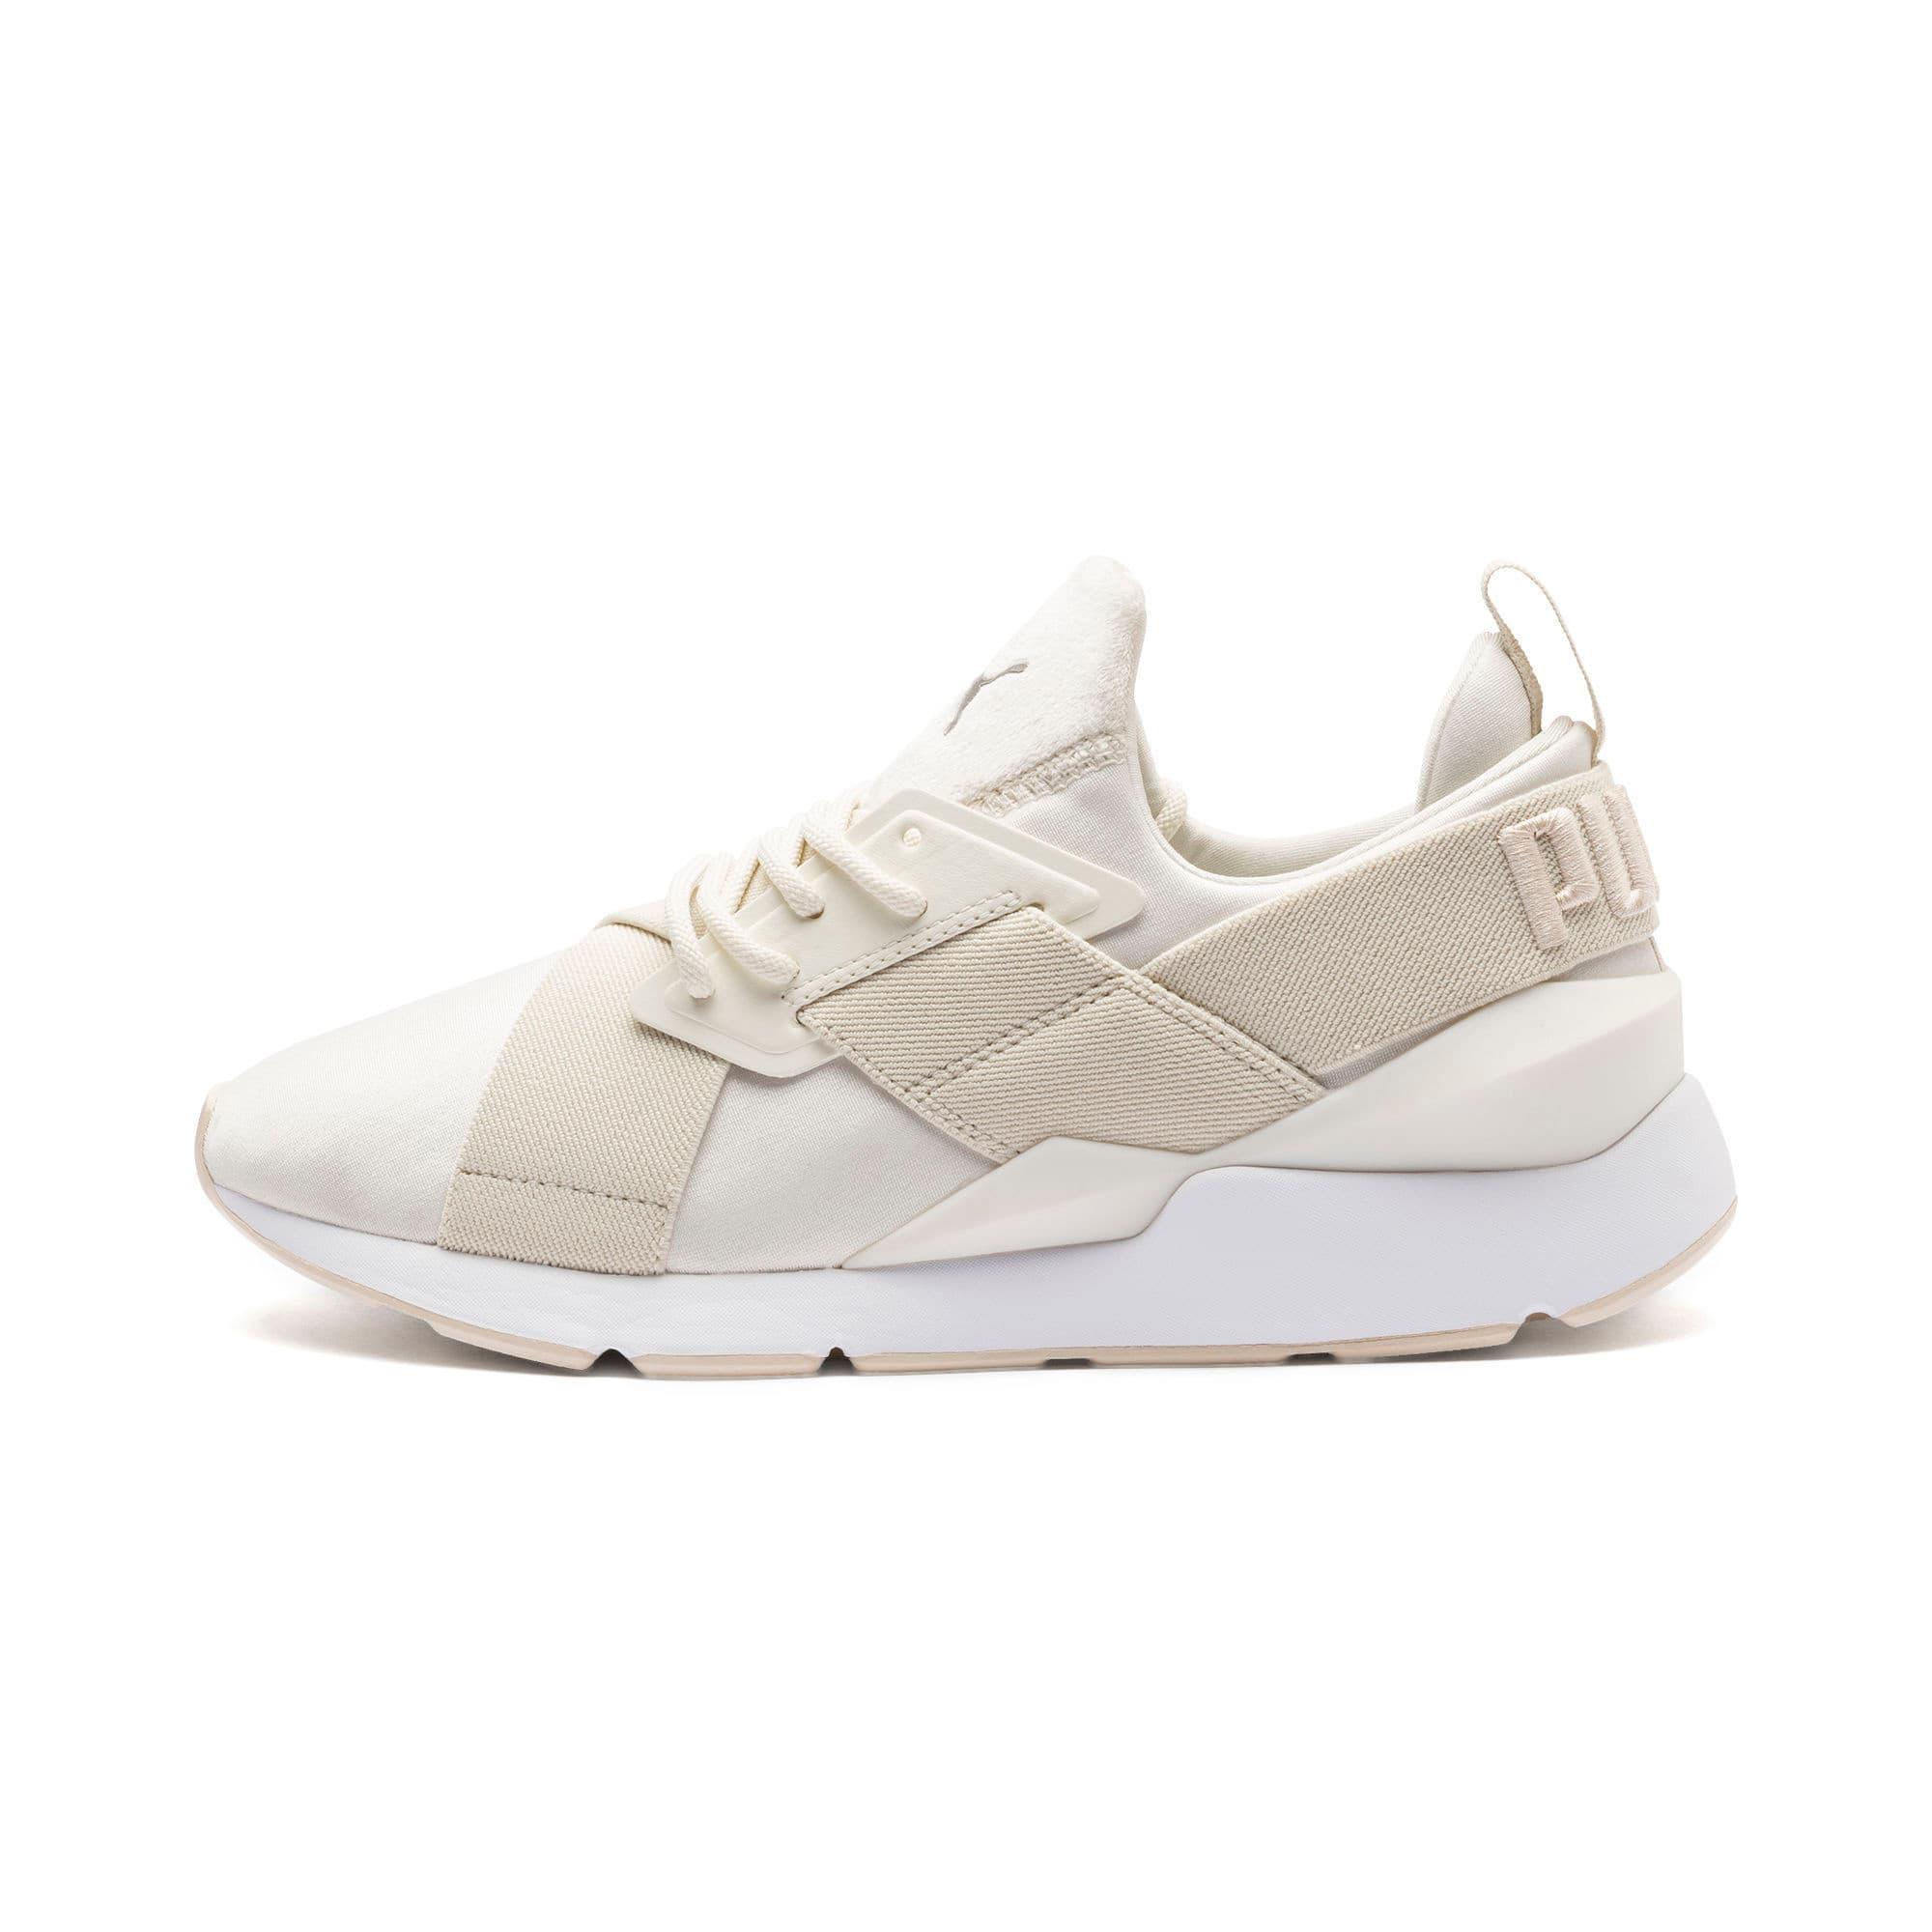 wholesale dealer 99f46 d6e27 Muse 2 Satin Women's Sneakers